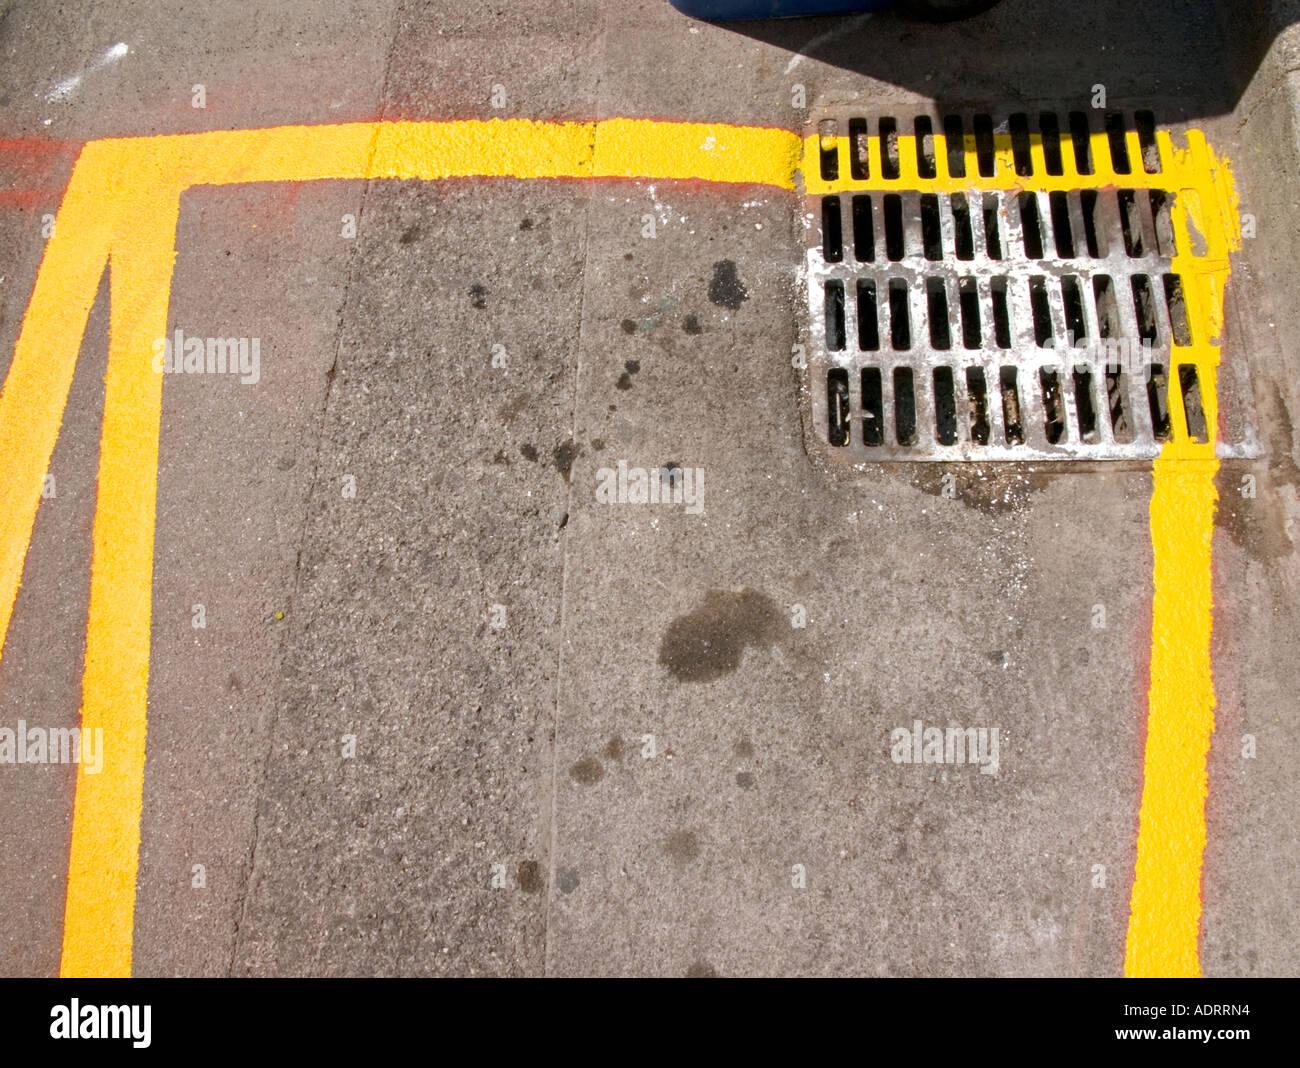 Ein Detail von einem frisch gestrichenen gelbe Straßenmarkierung und einem Abfluss von oben Stockbild